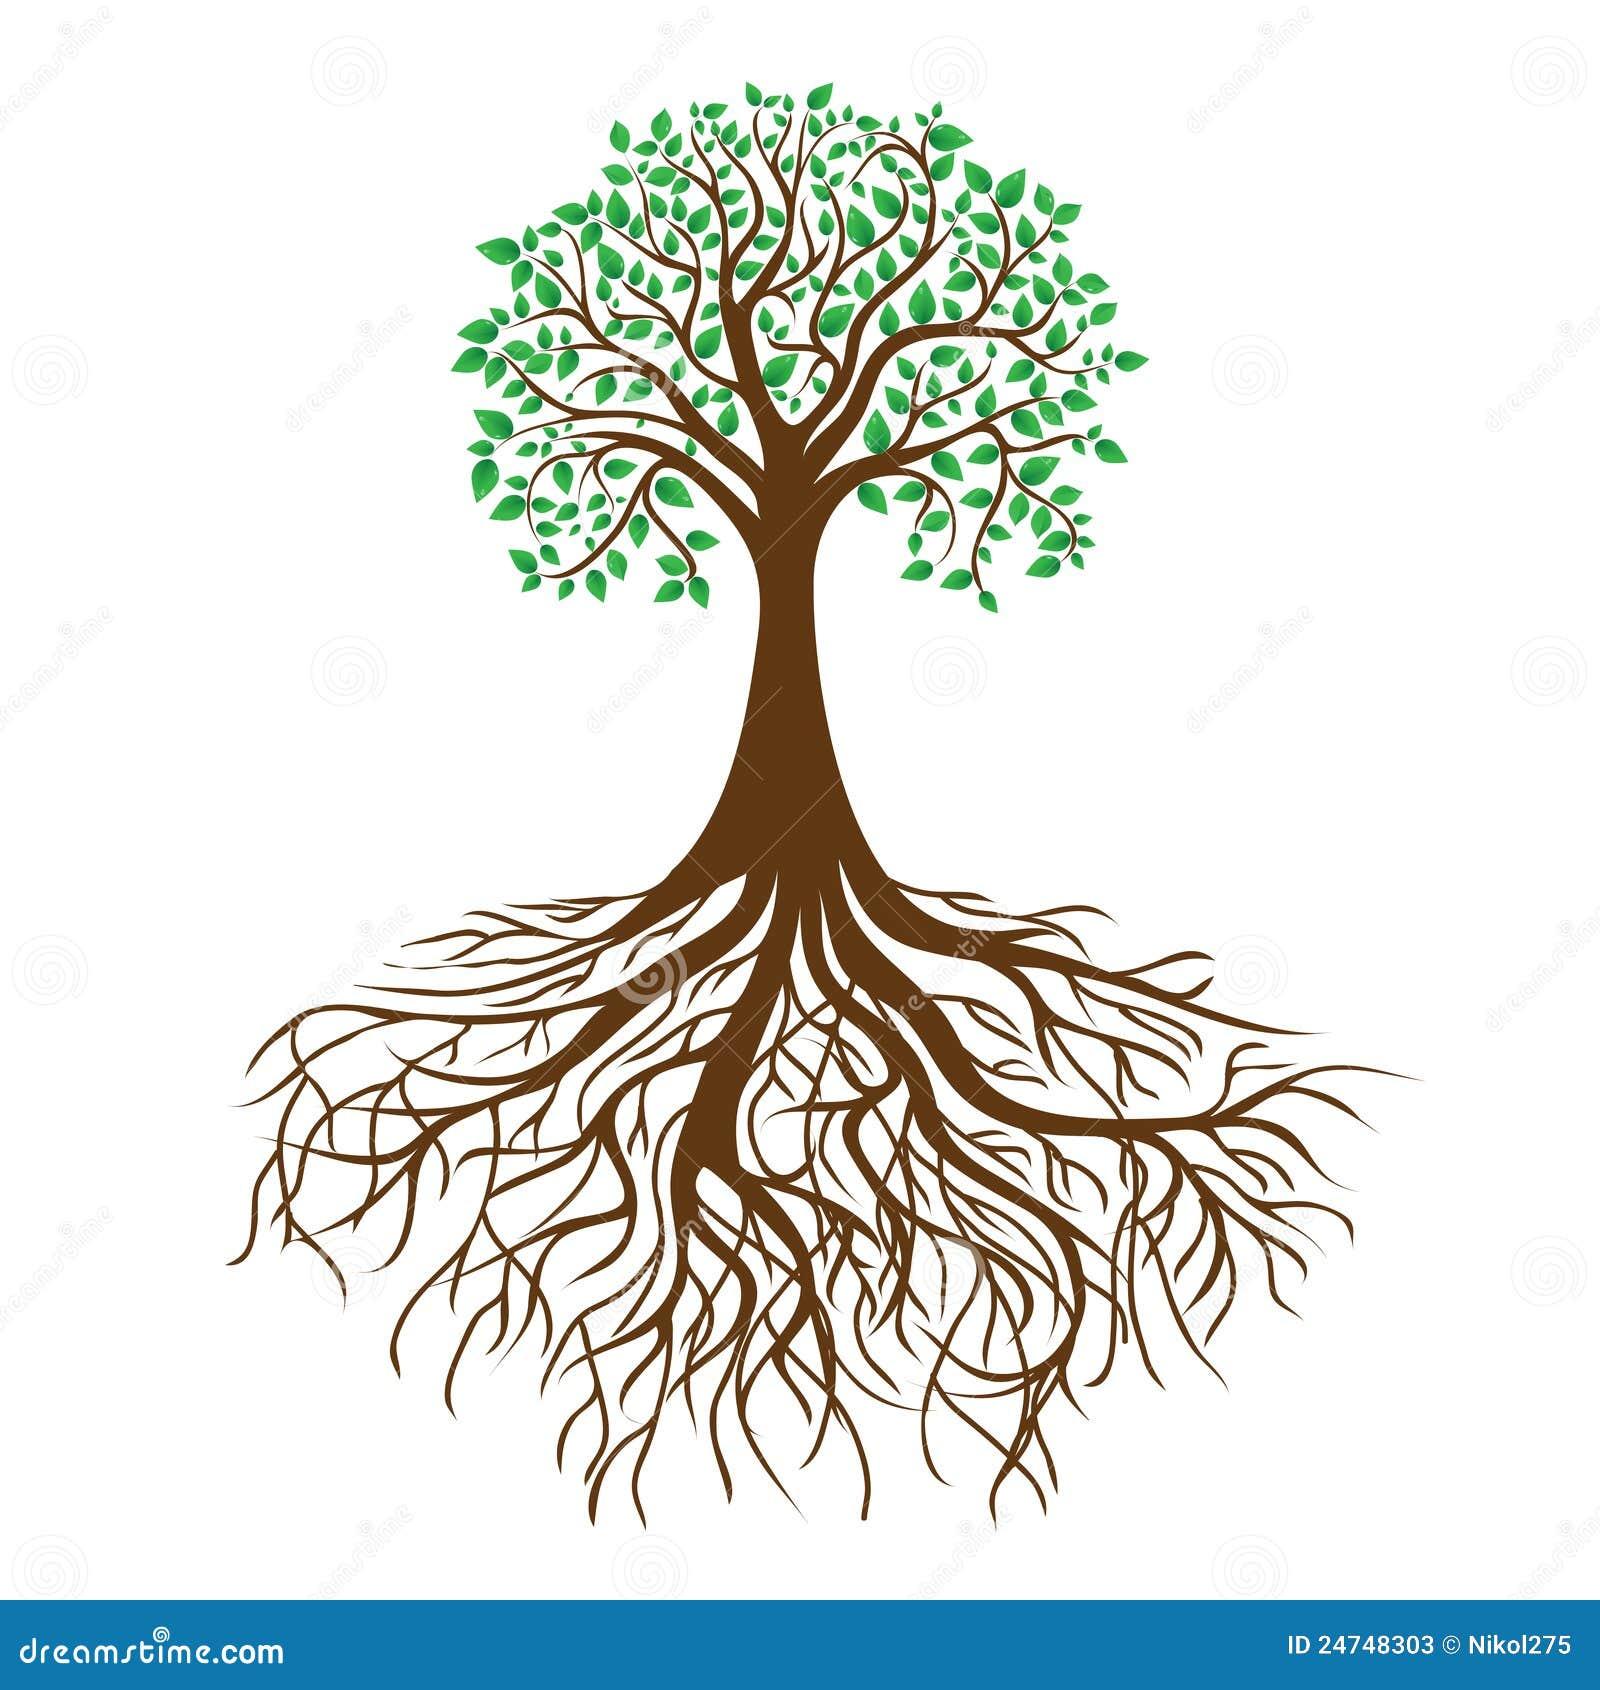 Baum mit wurzeln und dichtem laub vektor vektor abbildung for Arbol con raices y frutos